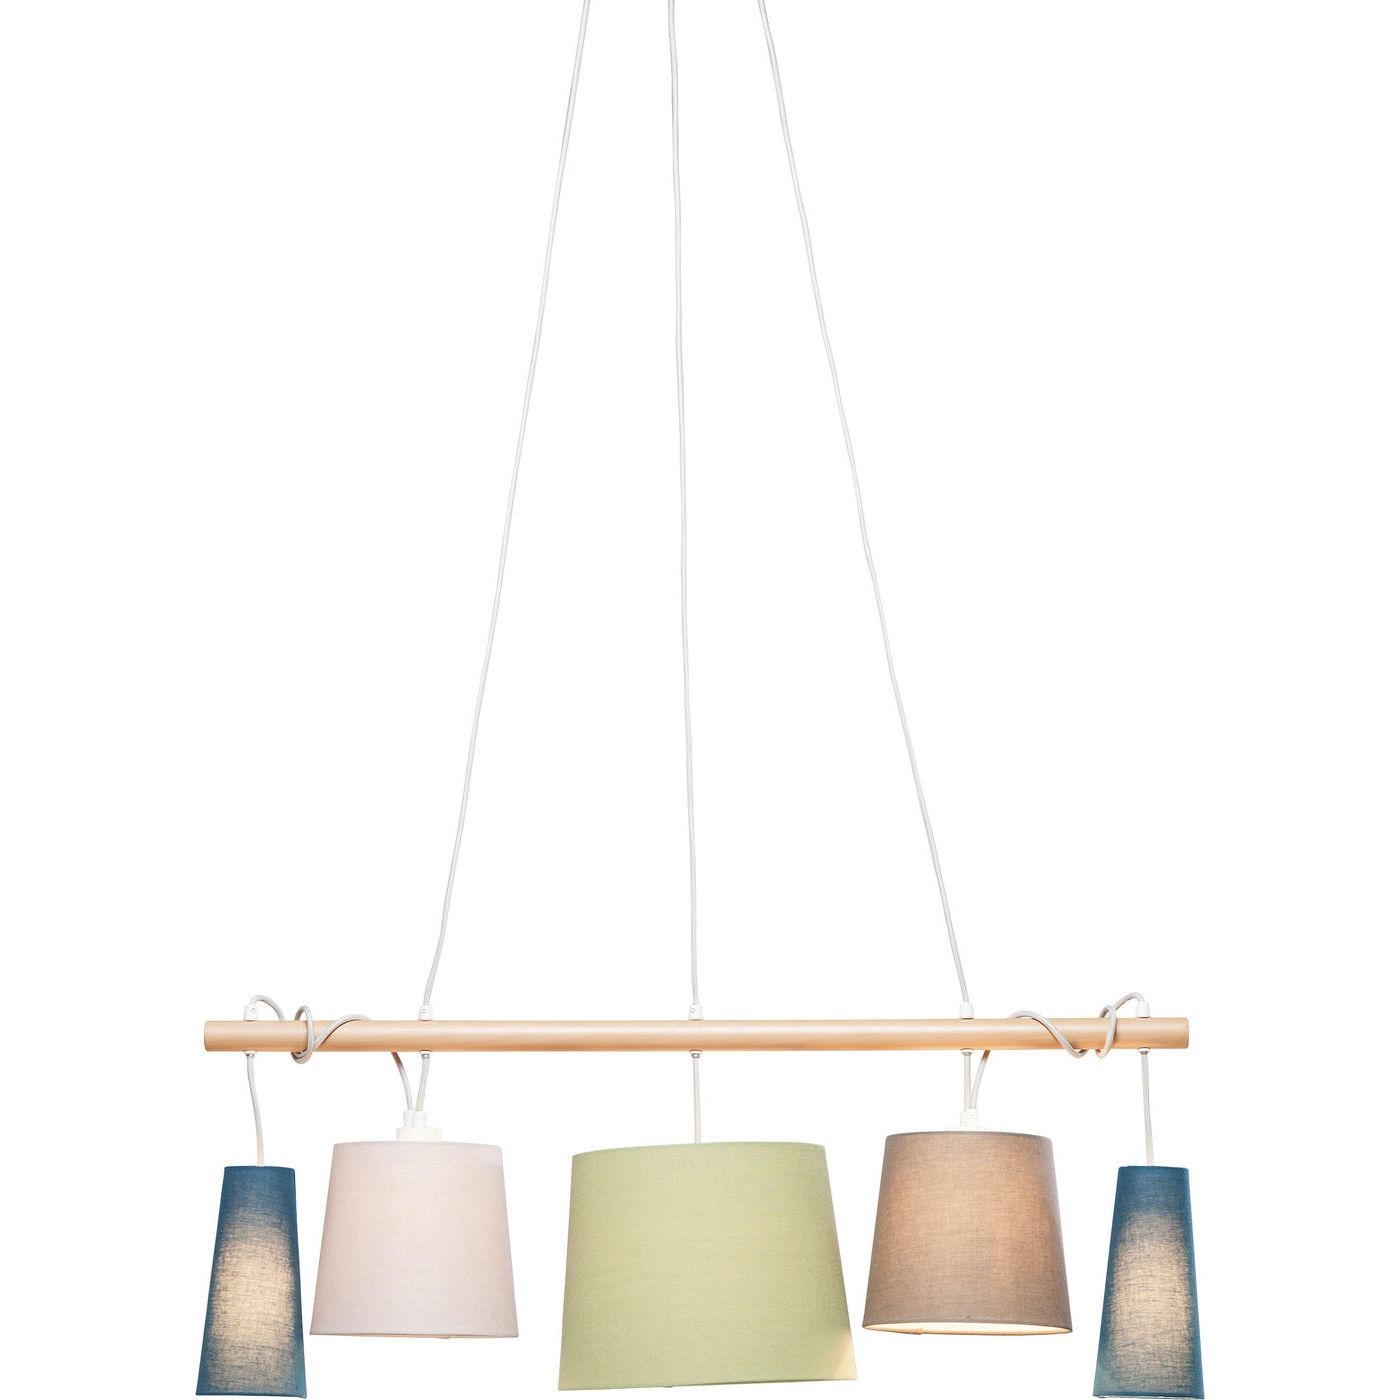 Billede af Kare Design Loftslampe, Parecchi Nordic